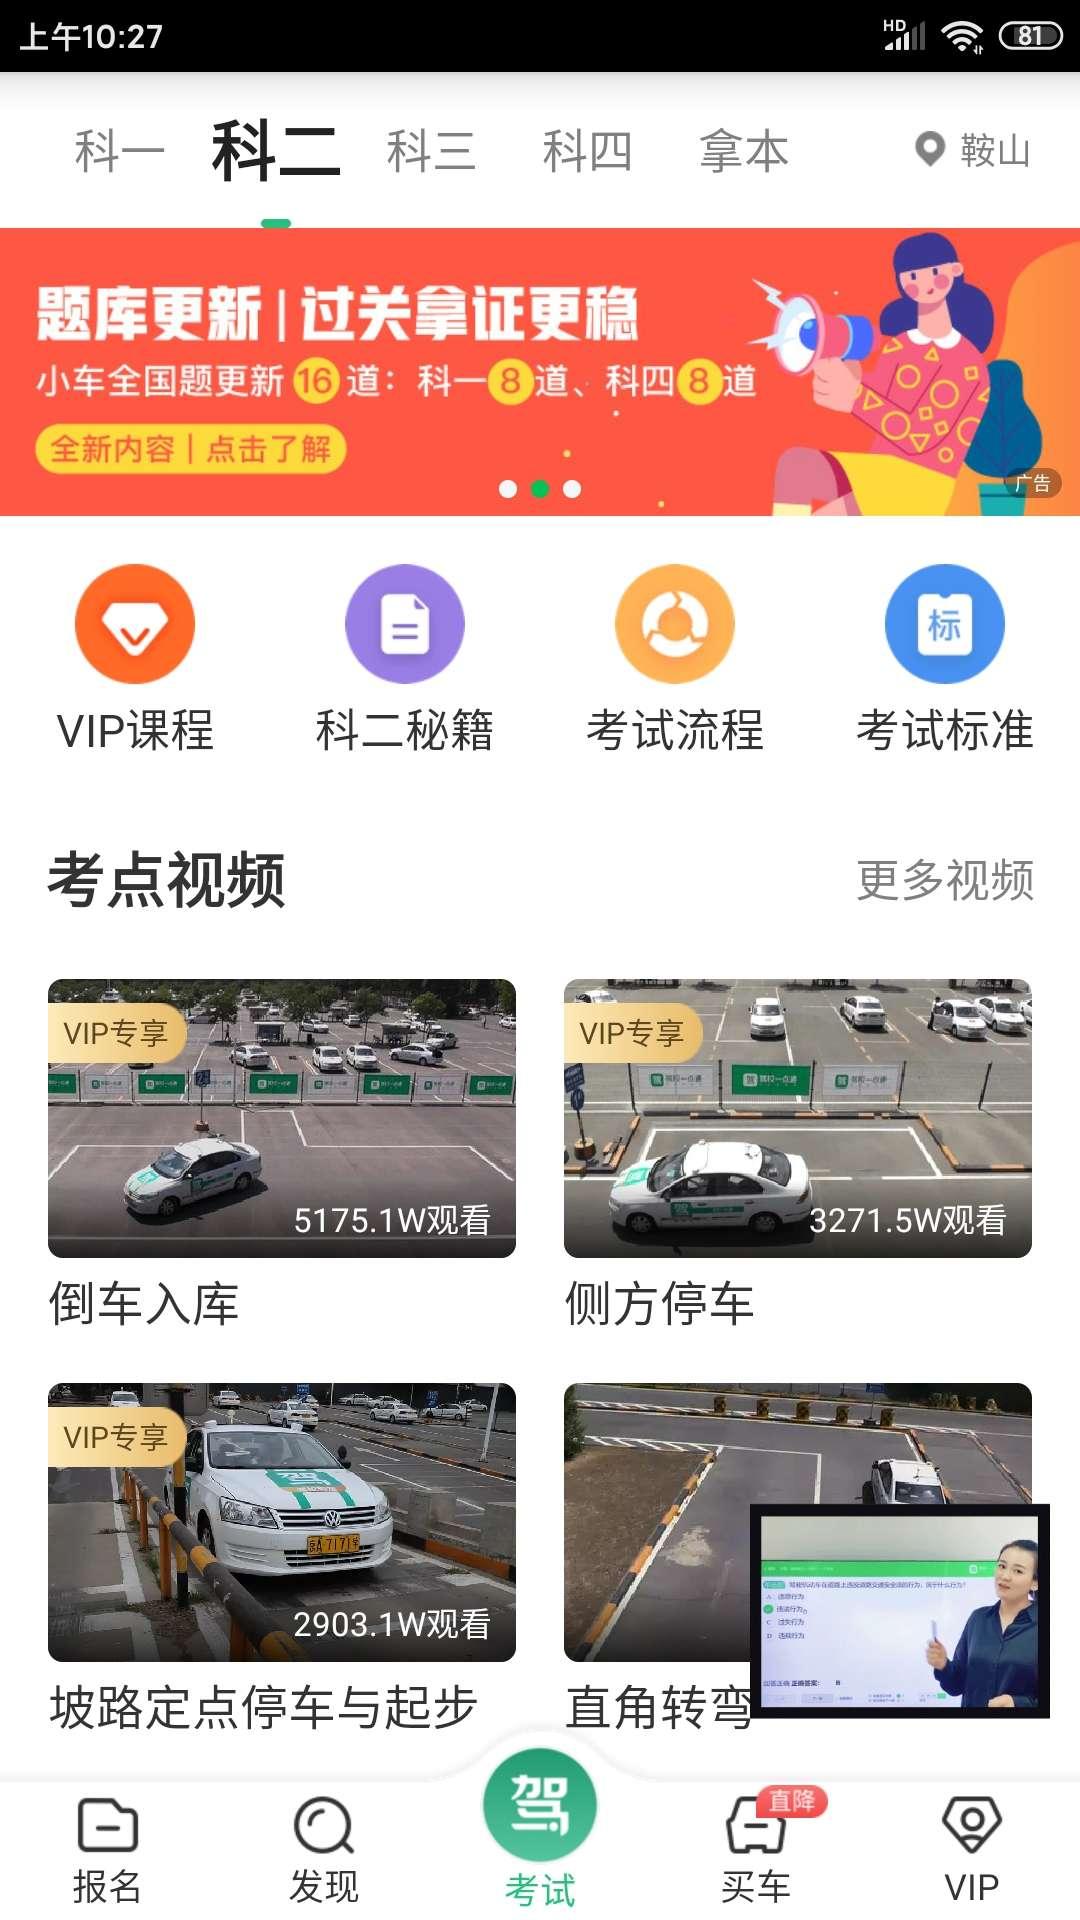 【分享】驾校一点通v9.1.1 已解锁会员特权